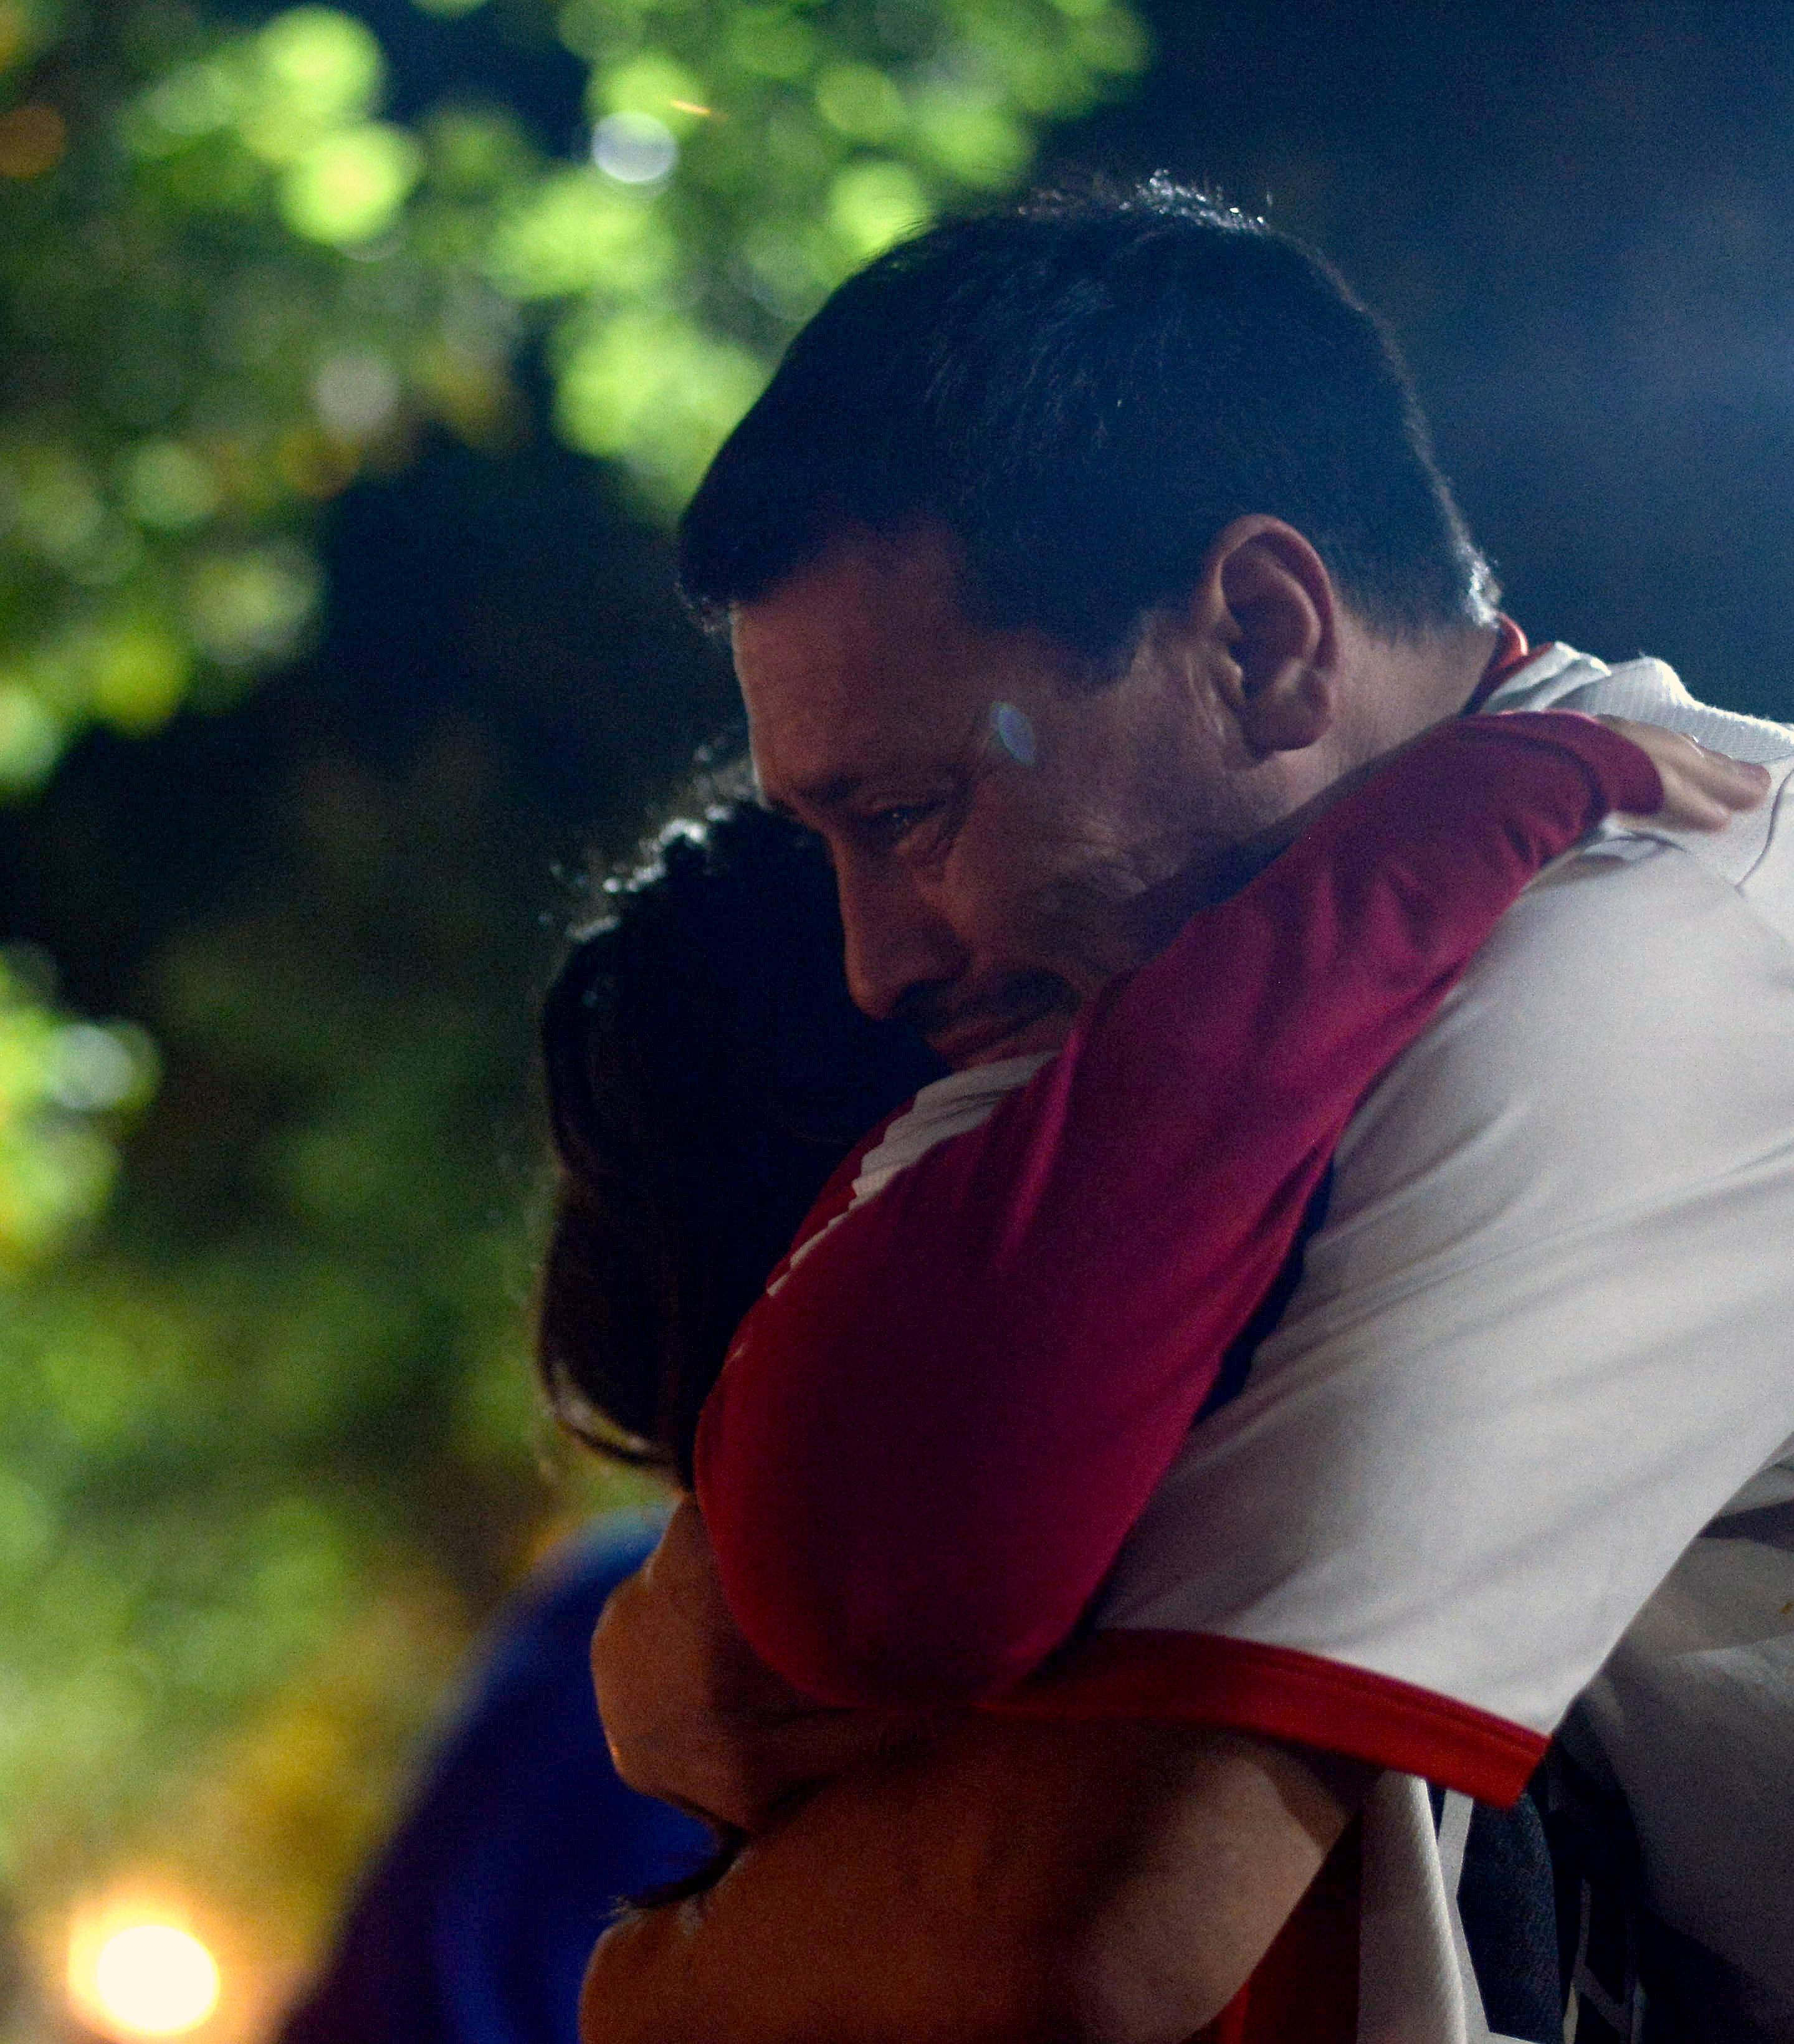 Familias enteras le dieron el último adiós a Alejandro Sabella, quien murió este martes a los 66 años